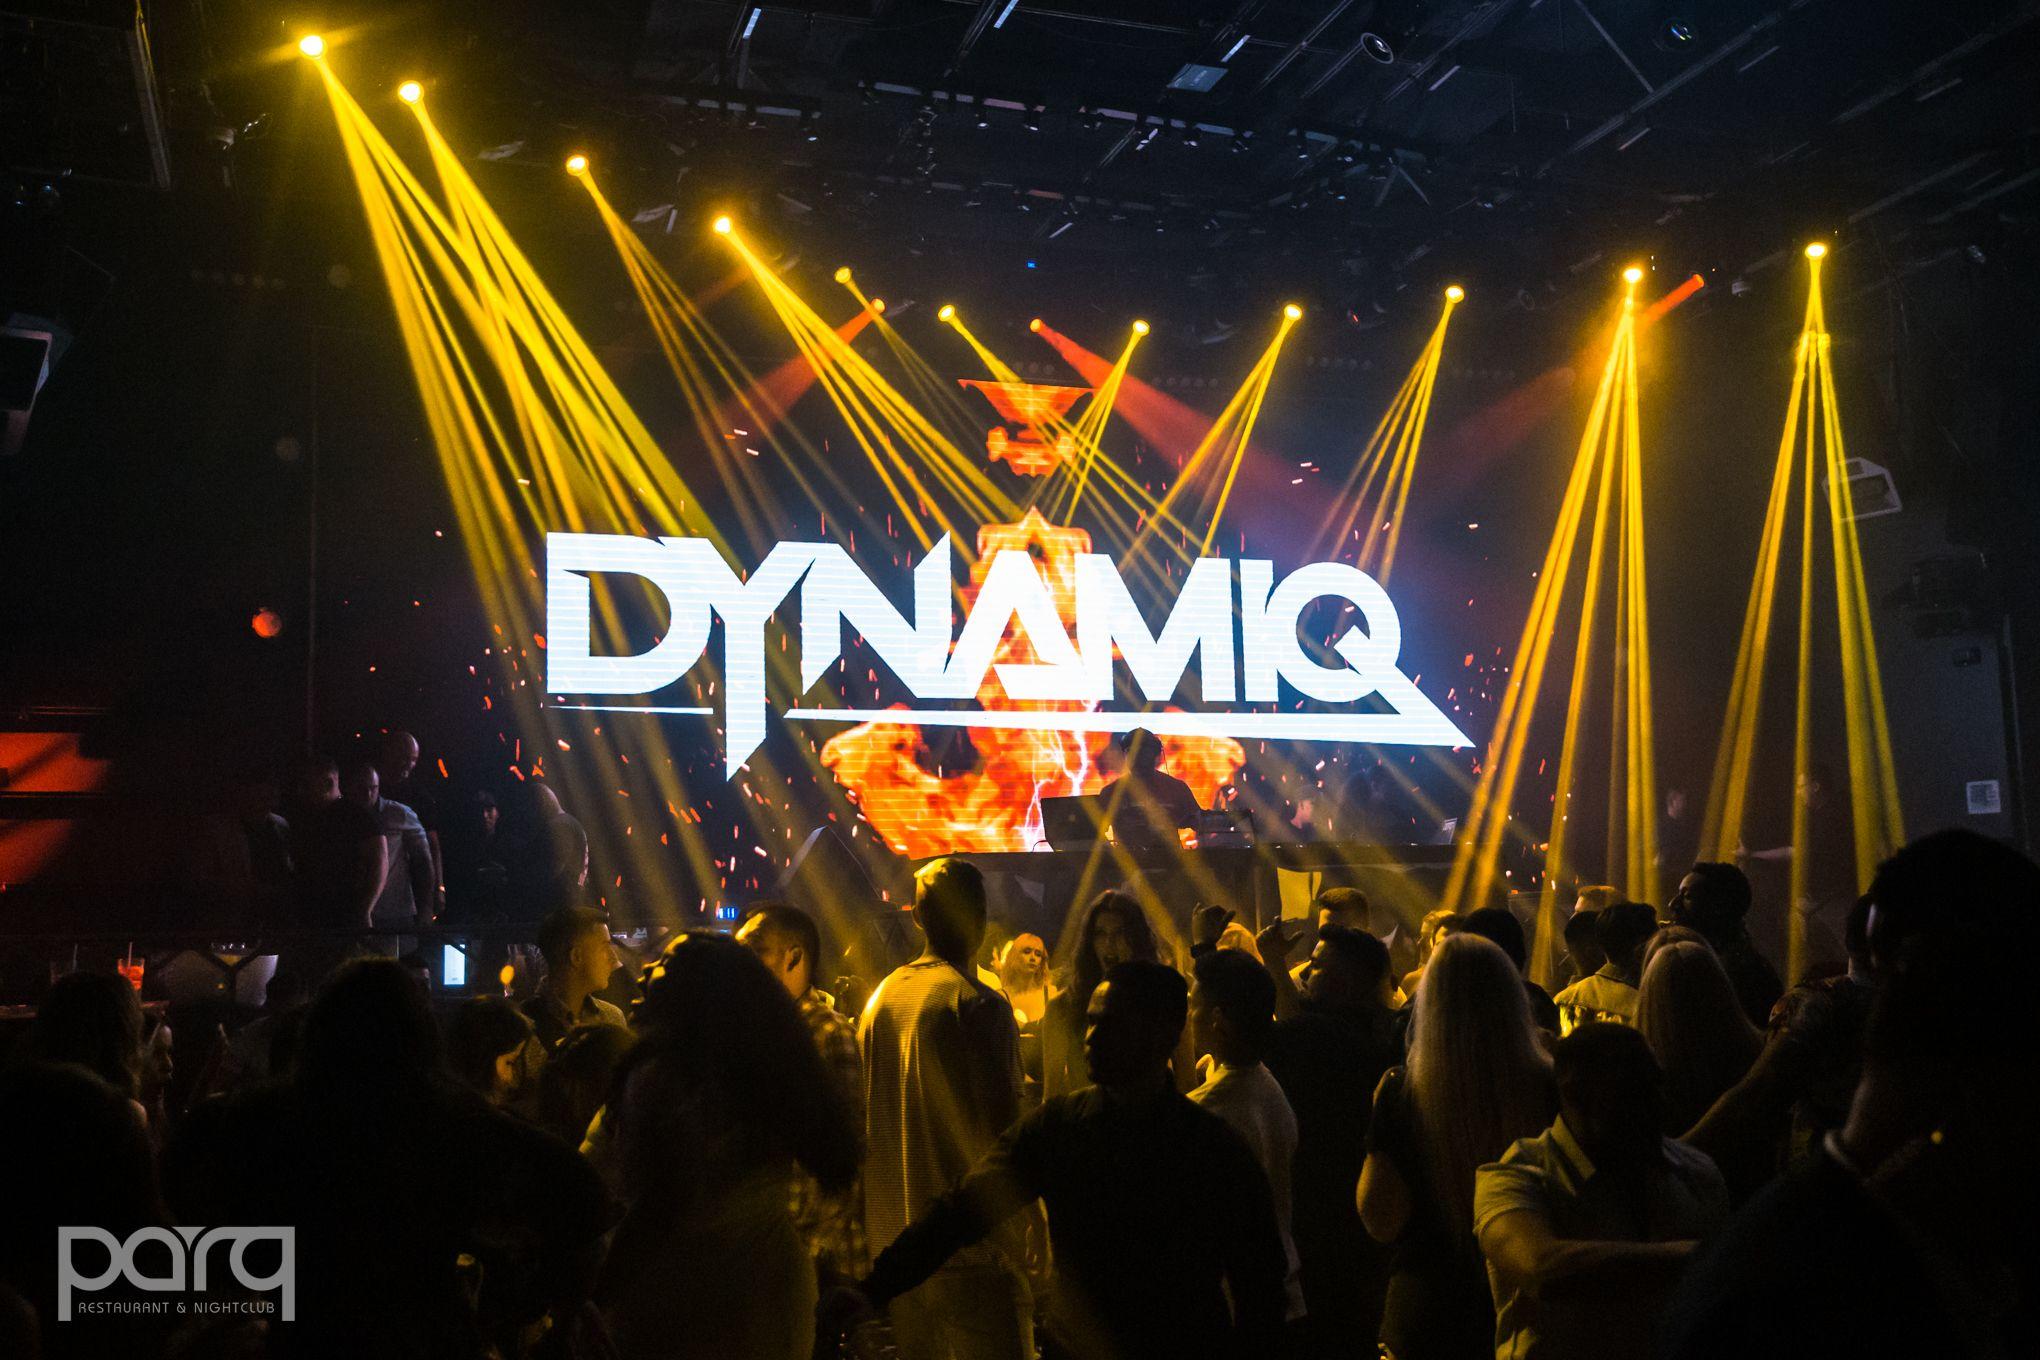 07.12.19 Parq - Dynamiq-17.jpg